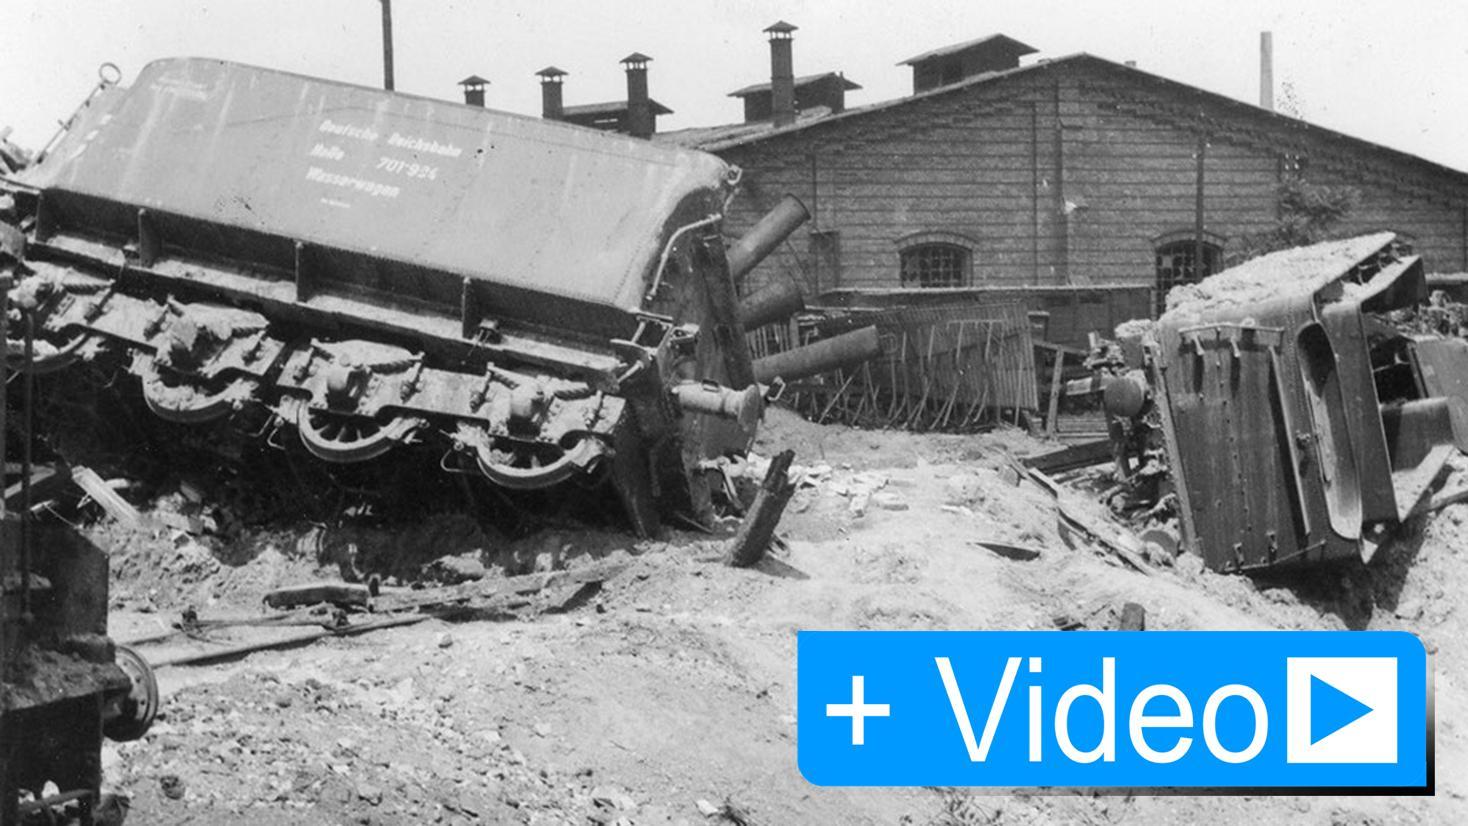 Am 20. Februar 1944 fand der erste Luftangriff auf Bernburg statt